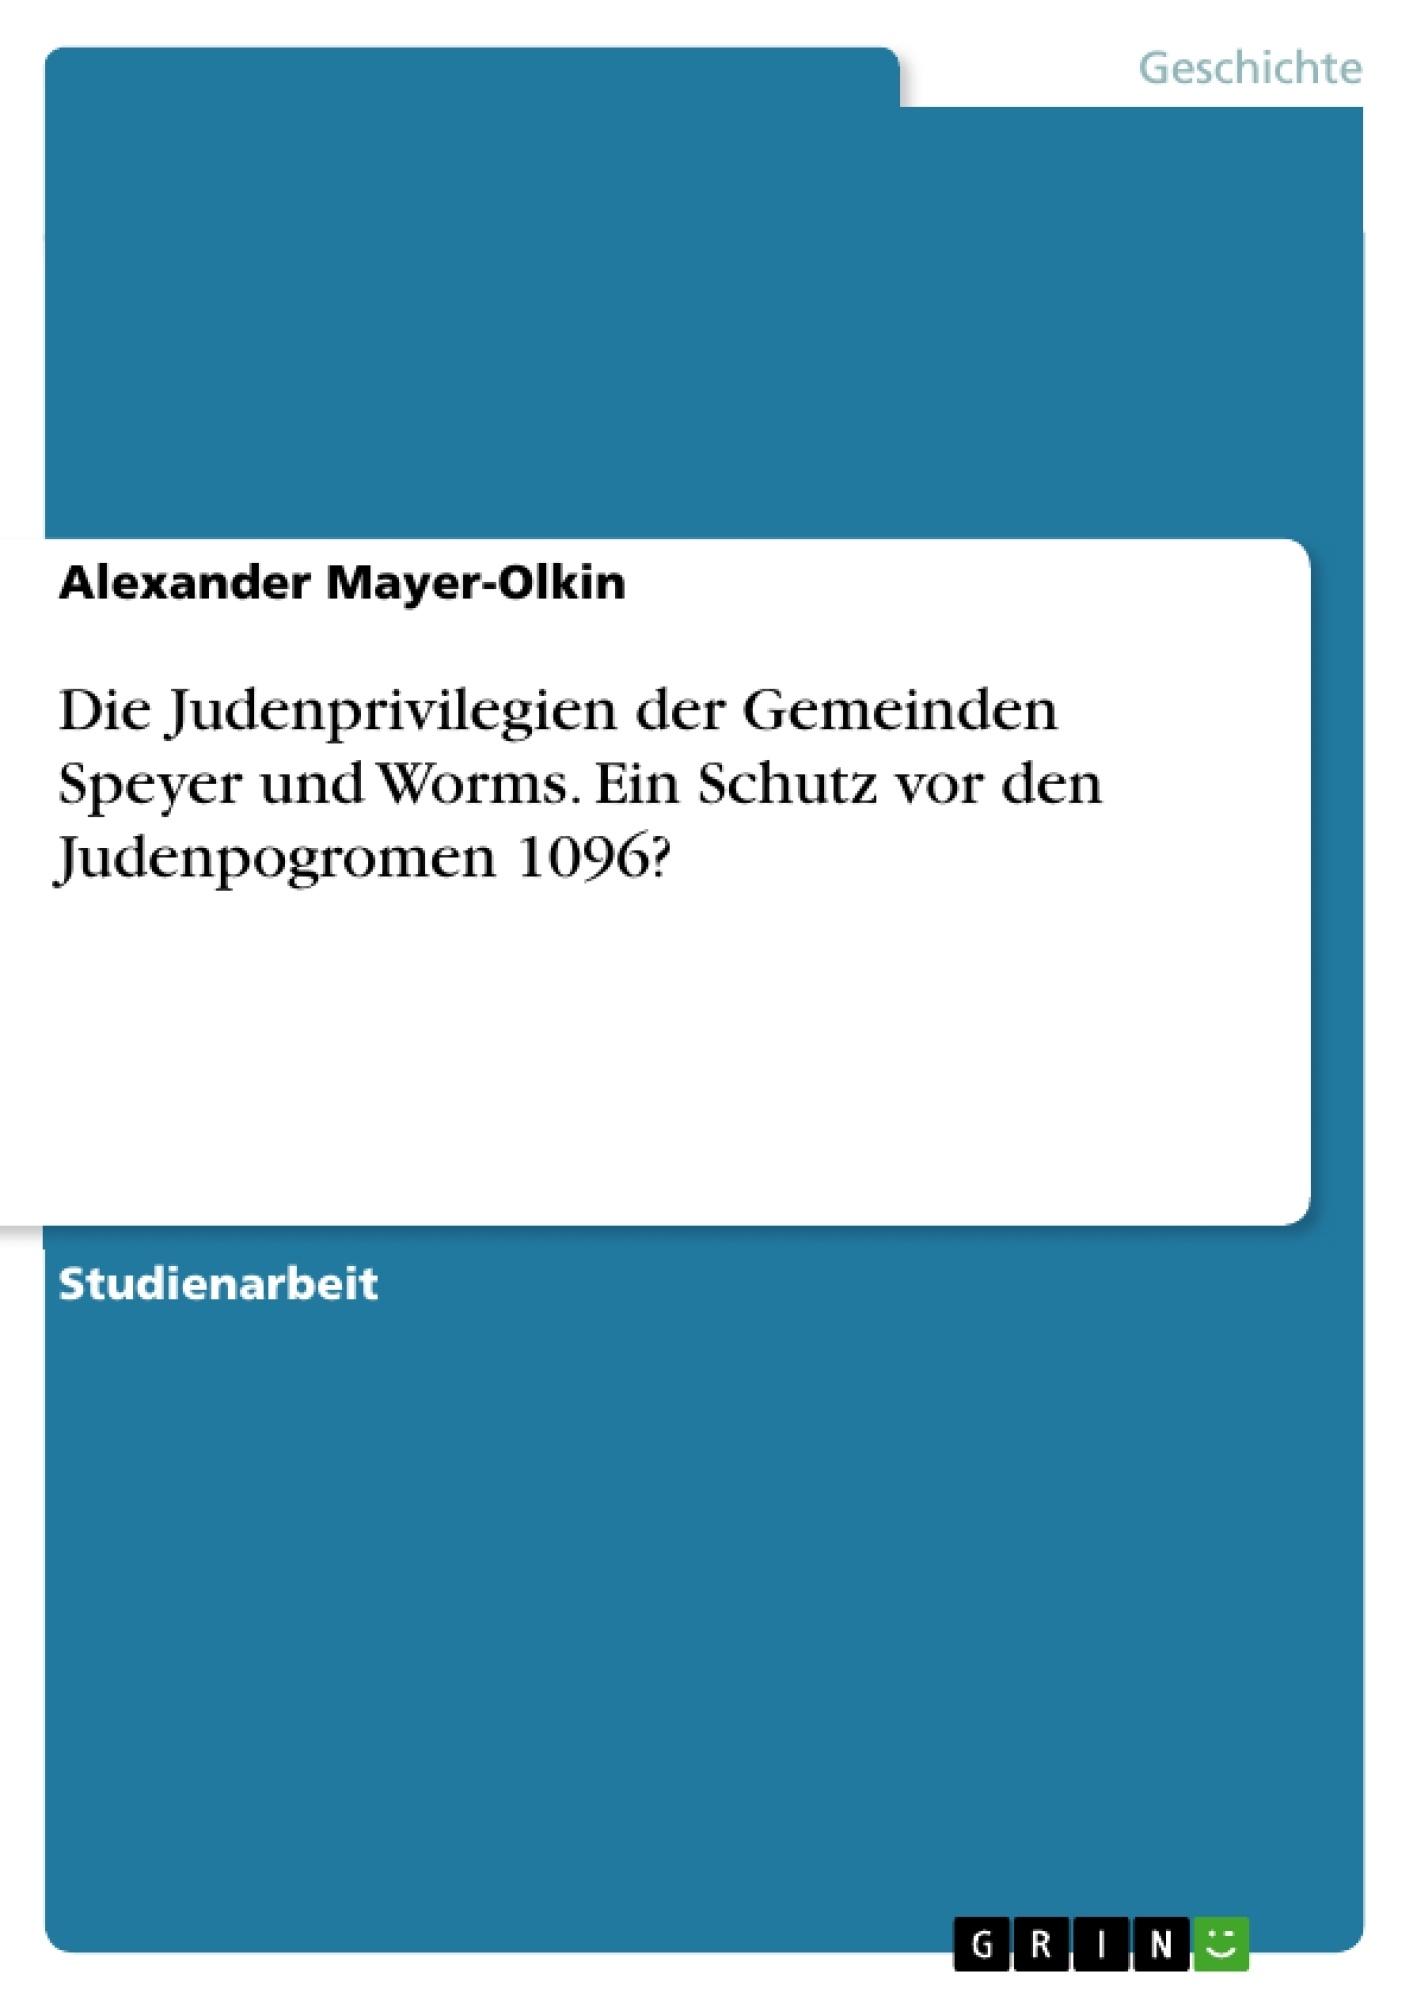 Titel: Die Judenprivilegien der Gemeinden Speyer und Worms. Ein Schutz vor den Judenpogromen 1096?